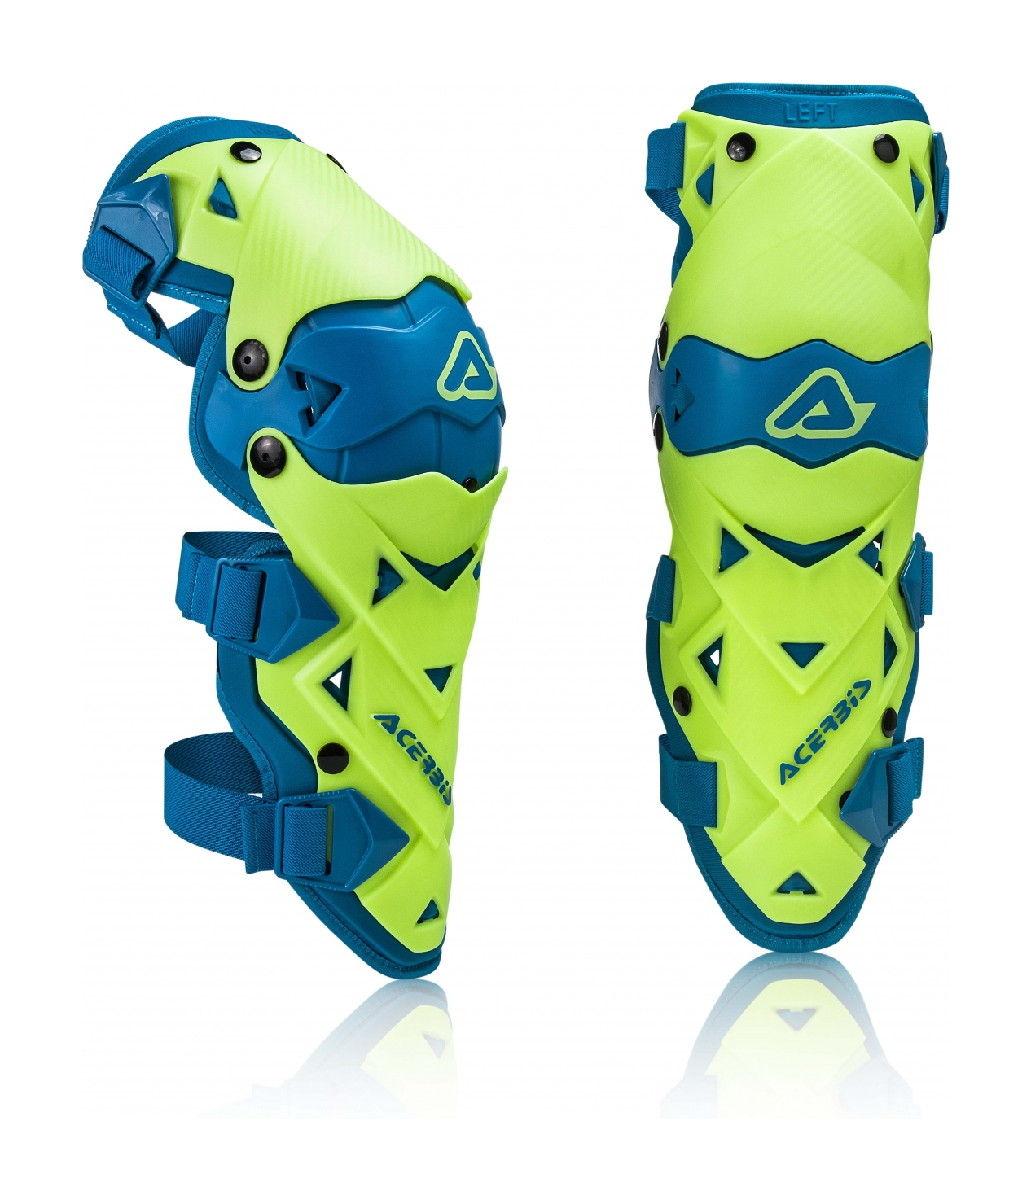 impact evo 2.0 knee